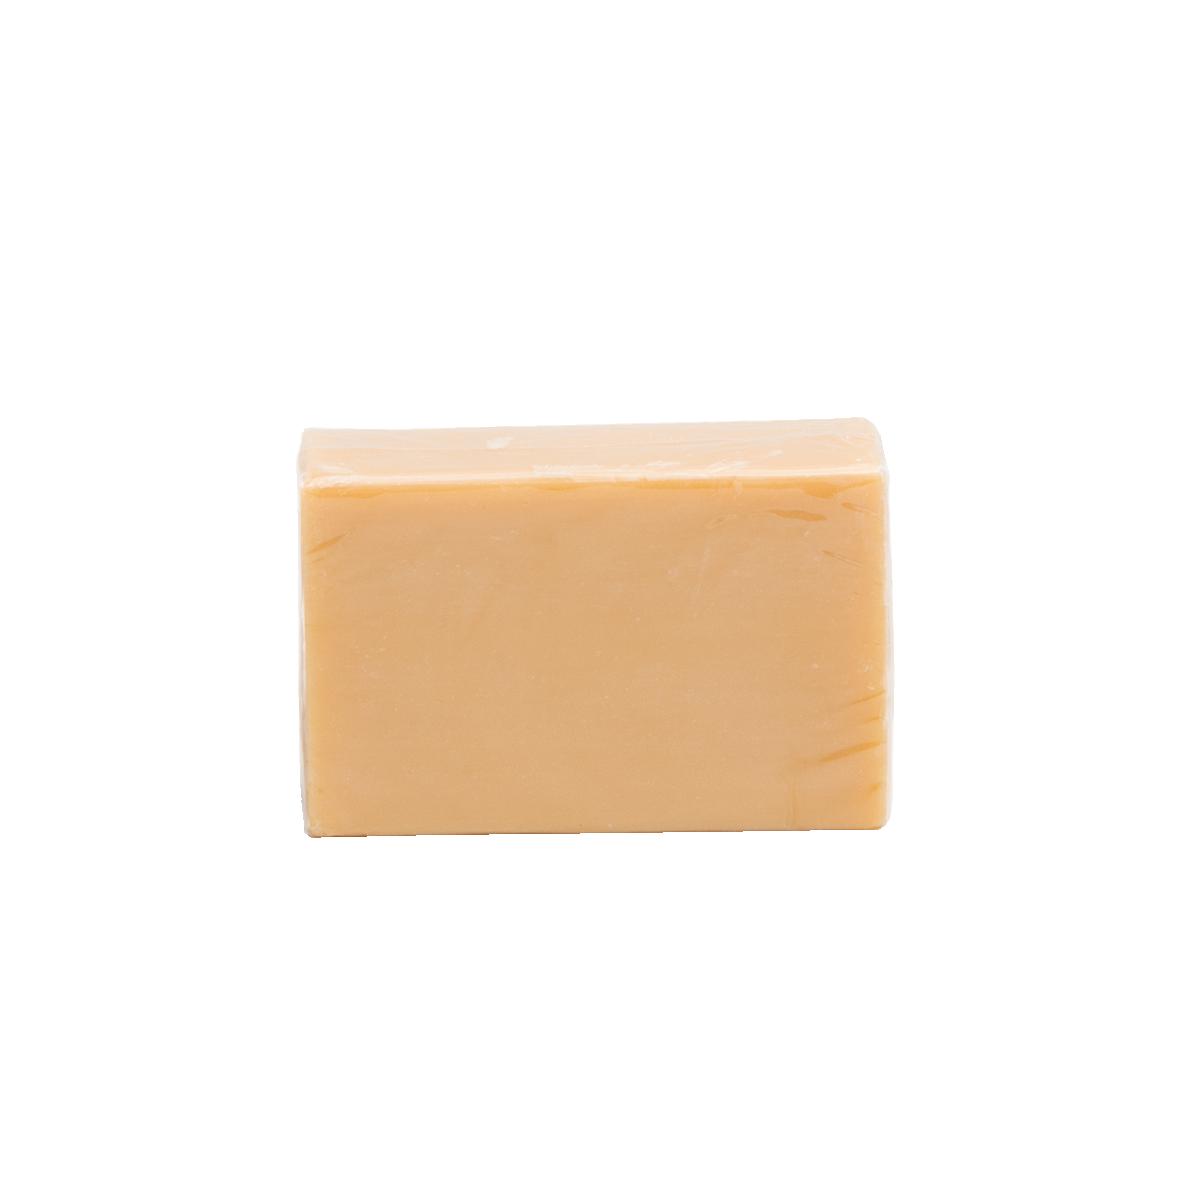 Χειροποίητο Σαπούνι Ελιάς | Άρωμα Τεϊόδεντρου 100g | BiCare